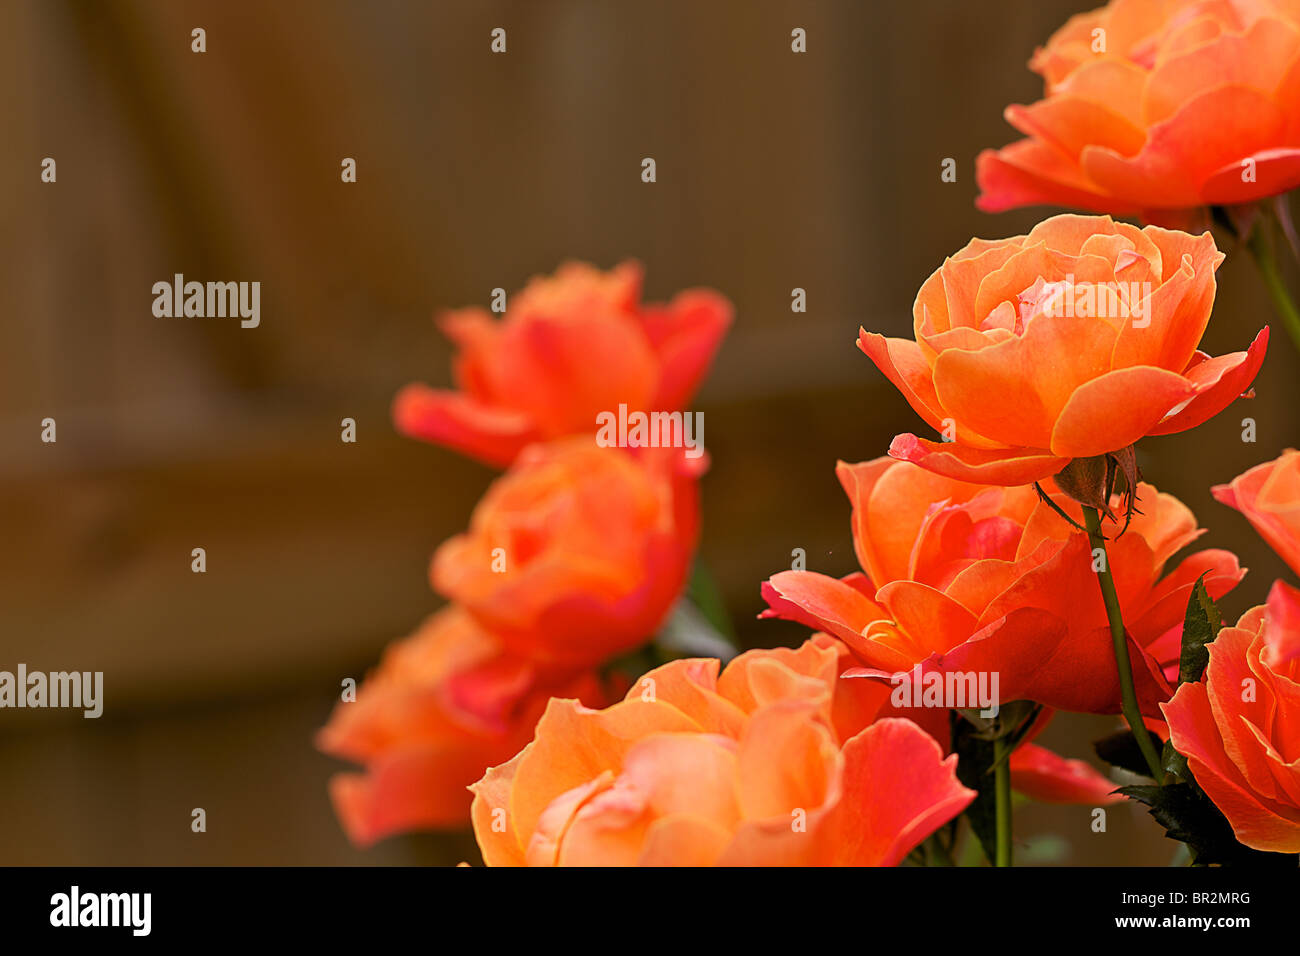 Schöne farbige orange Rosen in Nahaufnahme vor dunklem Hintergrund Stockbild